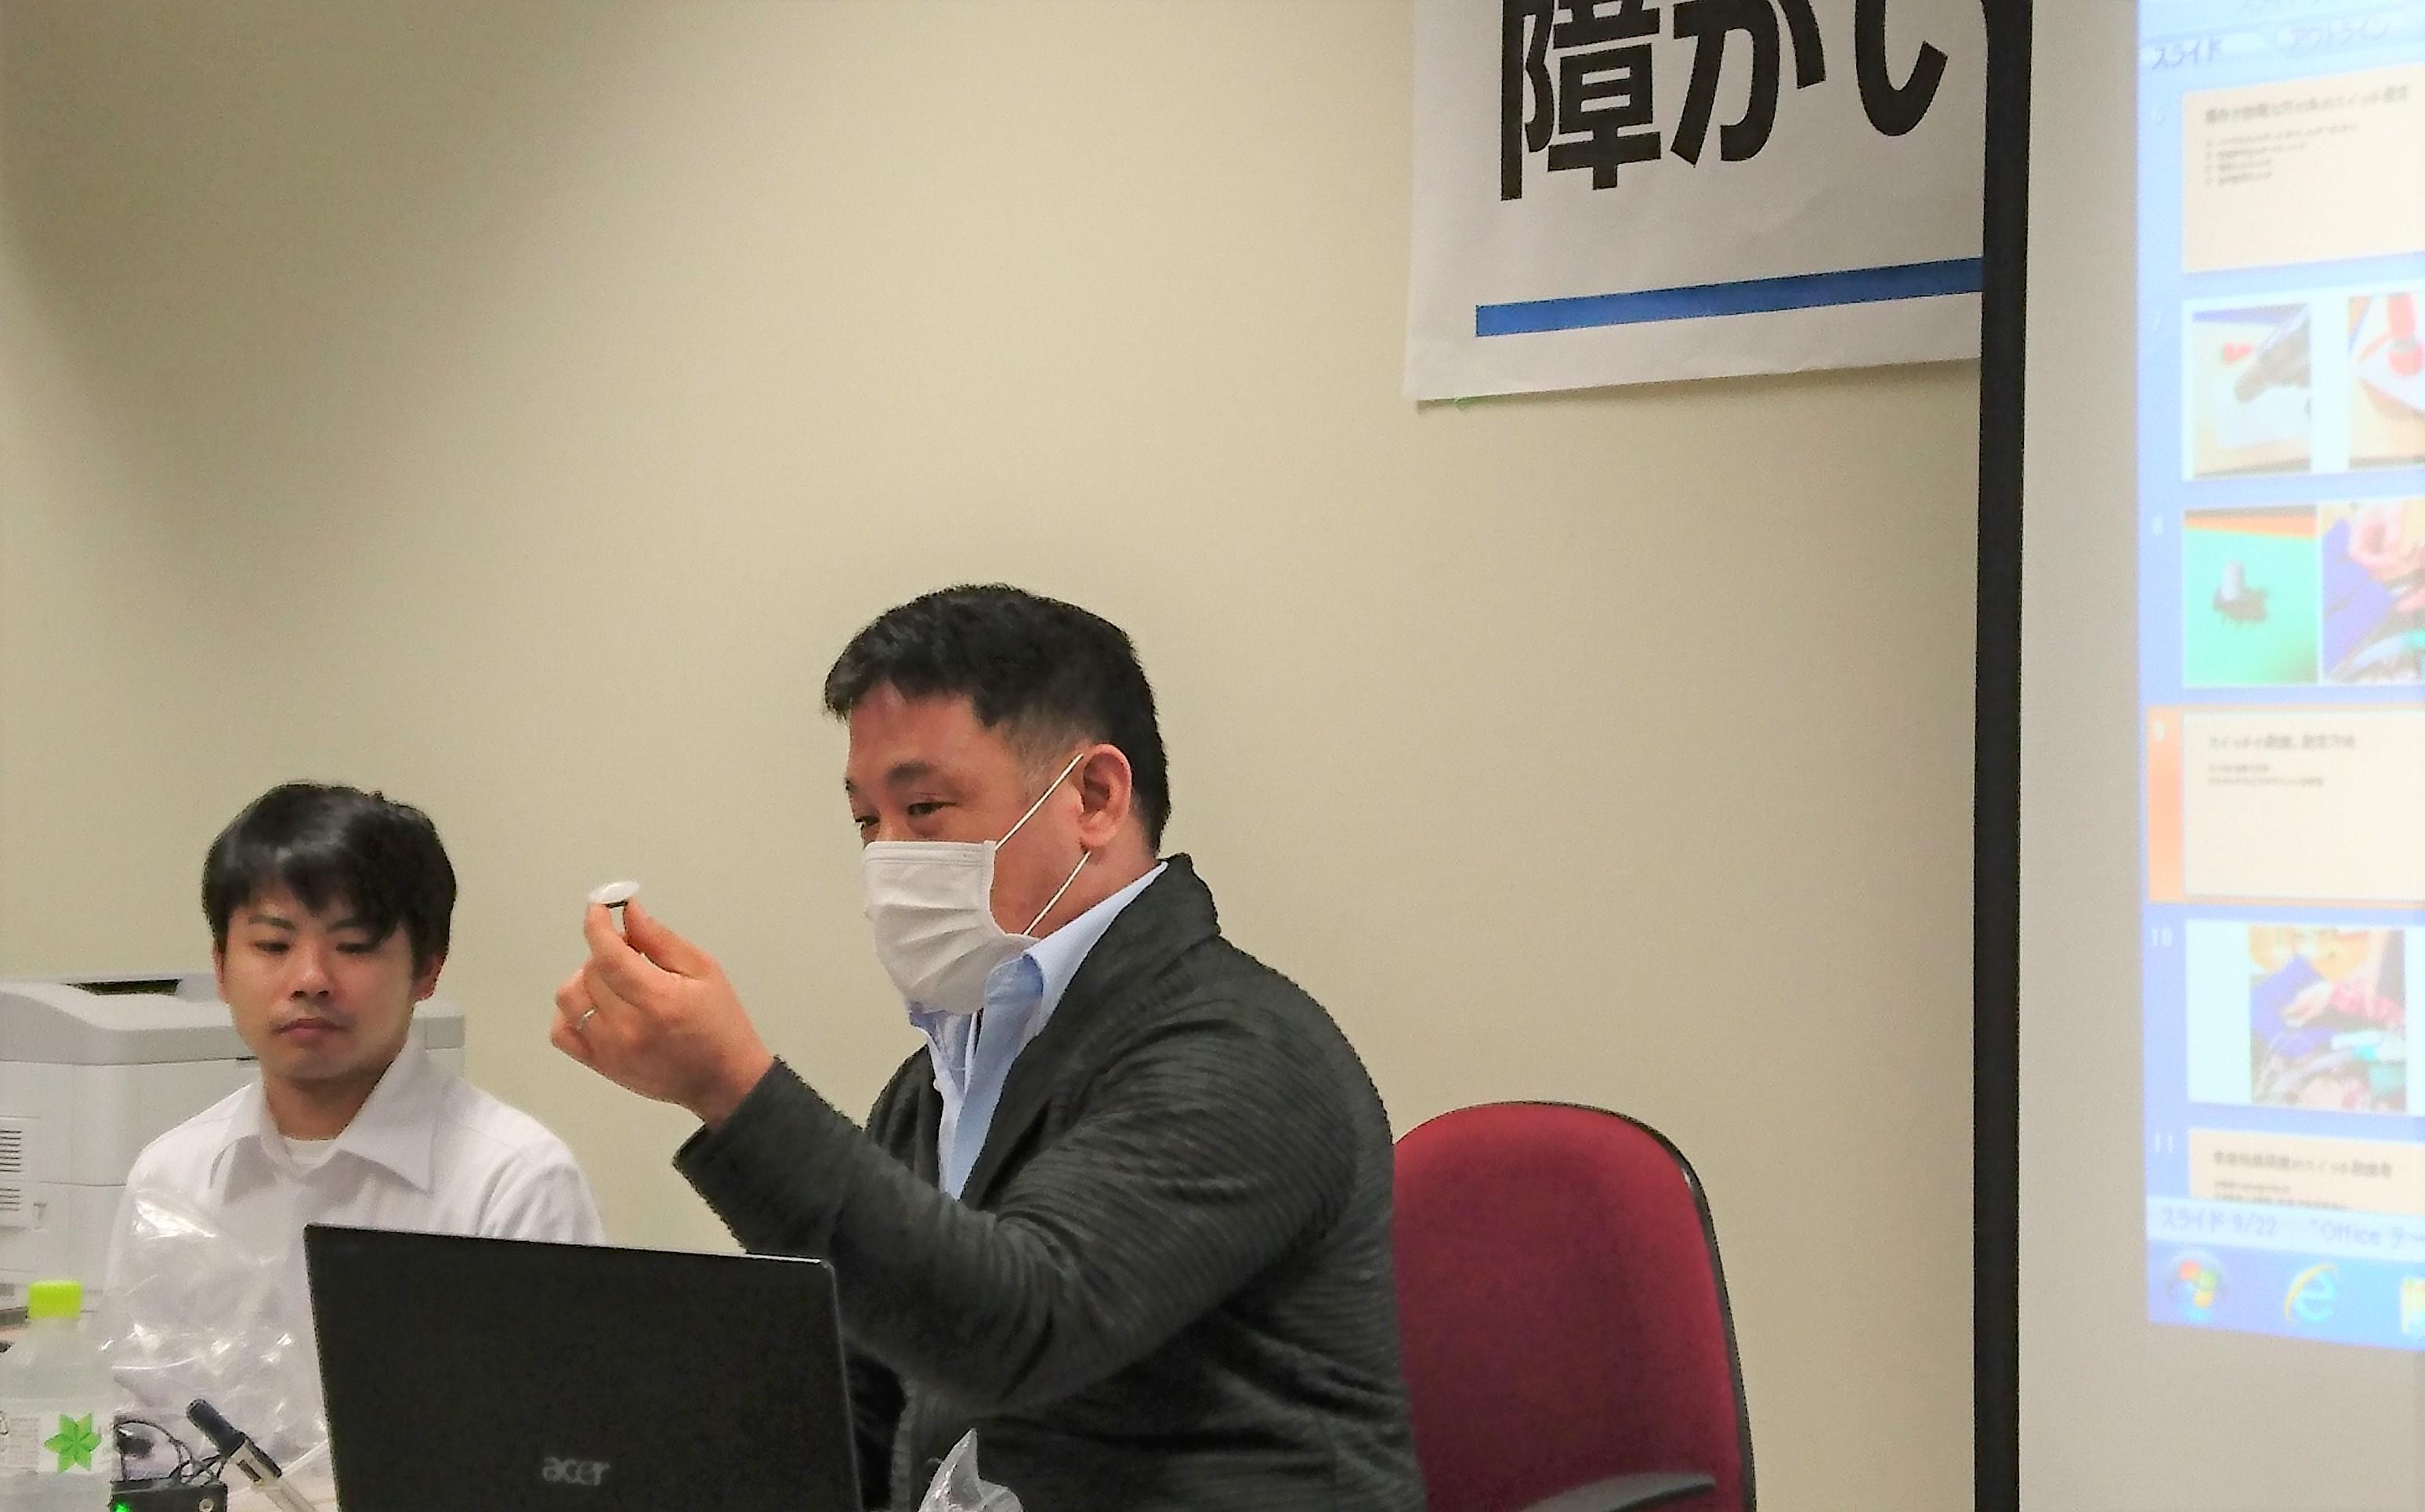 ハート義肢の吉原さんと島袋さんが座ってスイッチの説明をしている